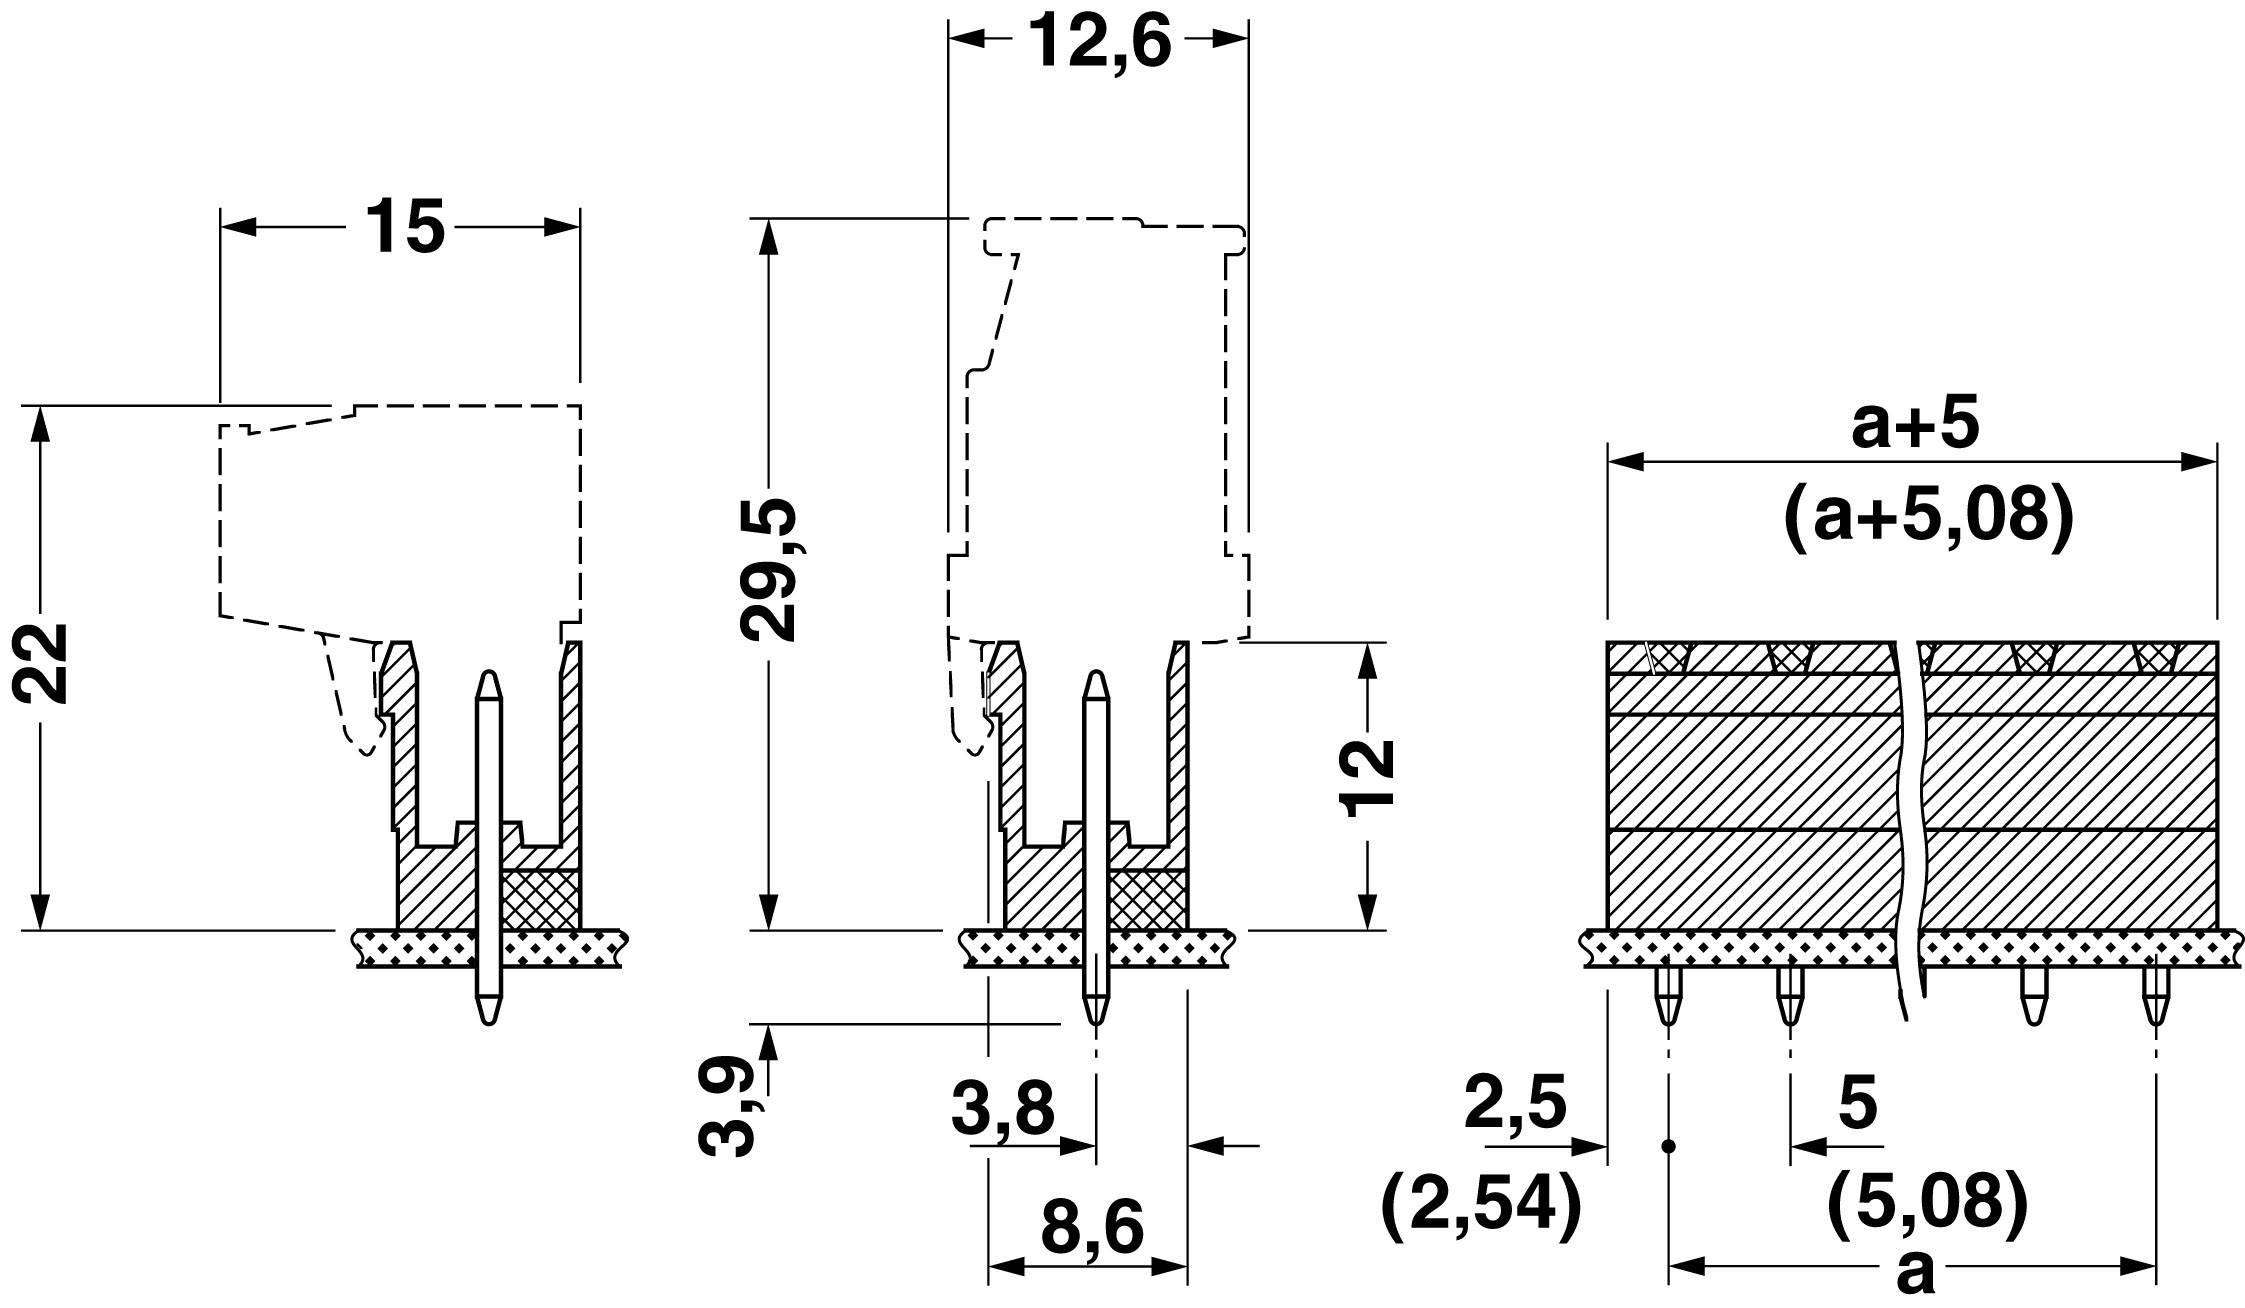 Svorkovnice 1řadá do DPS Phoenix Contact MSTBV 2,5/ 7-G-5,08 (1758063), 7pól., zelená